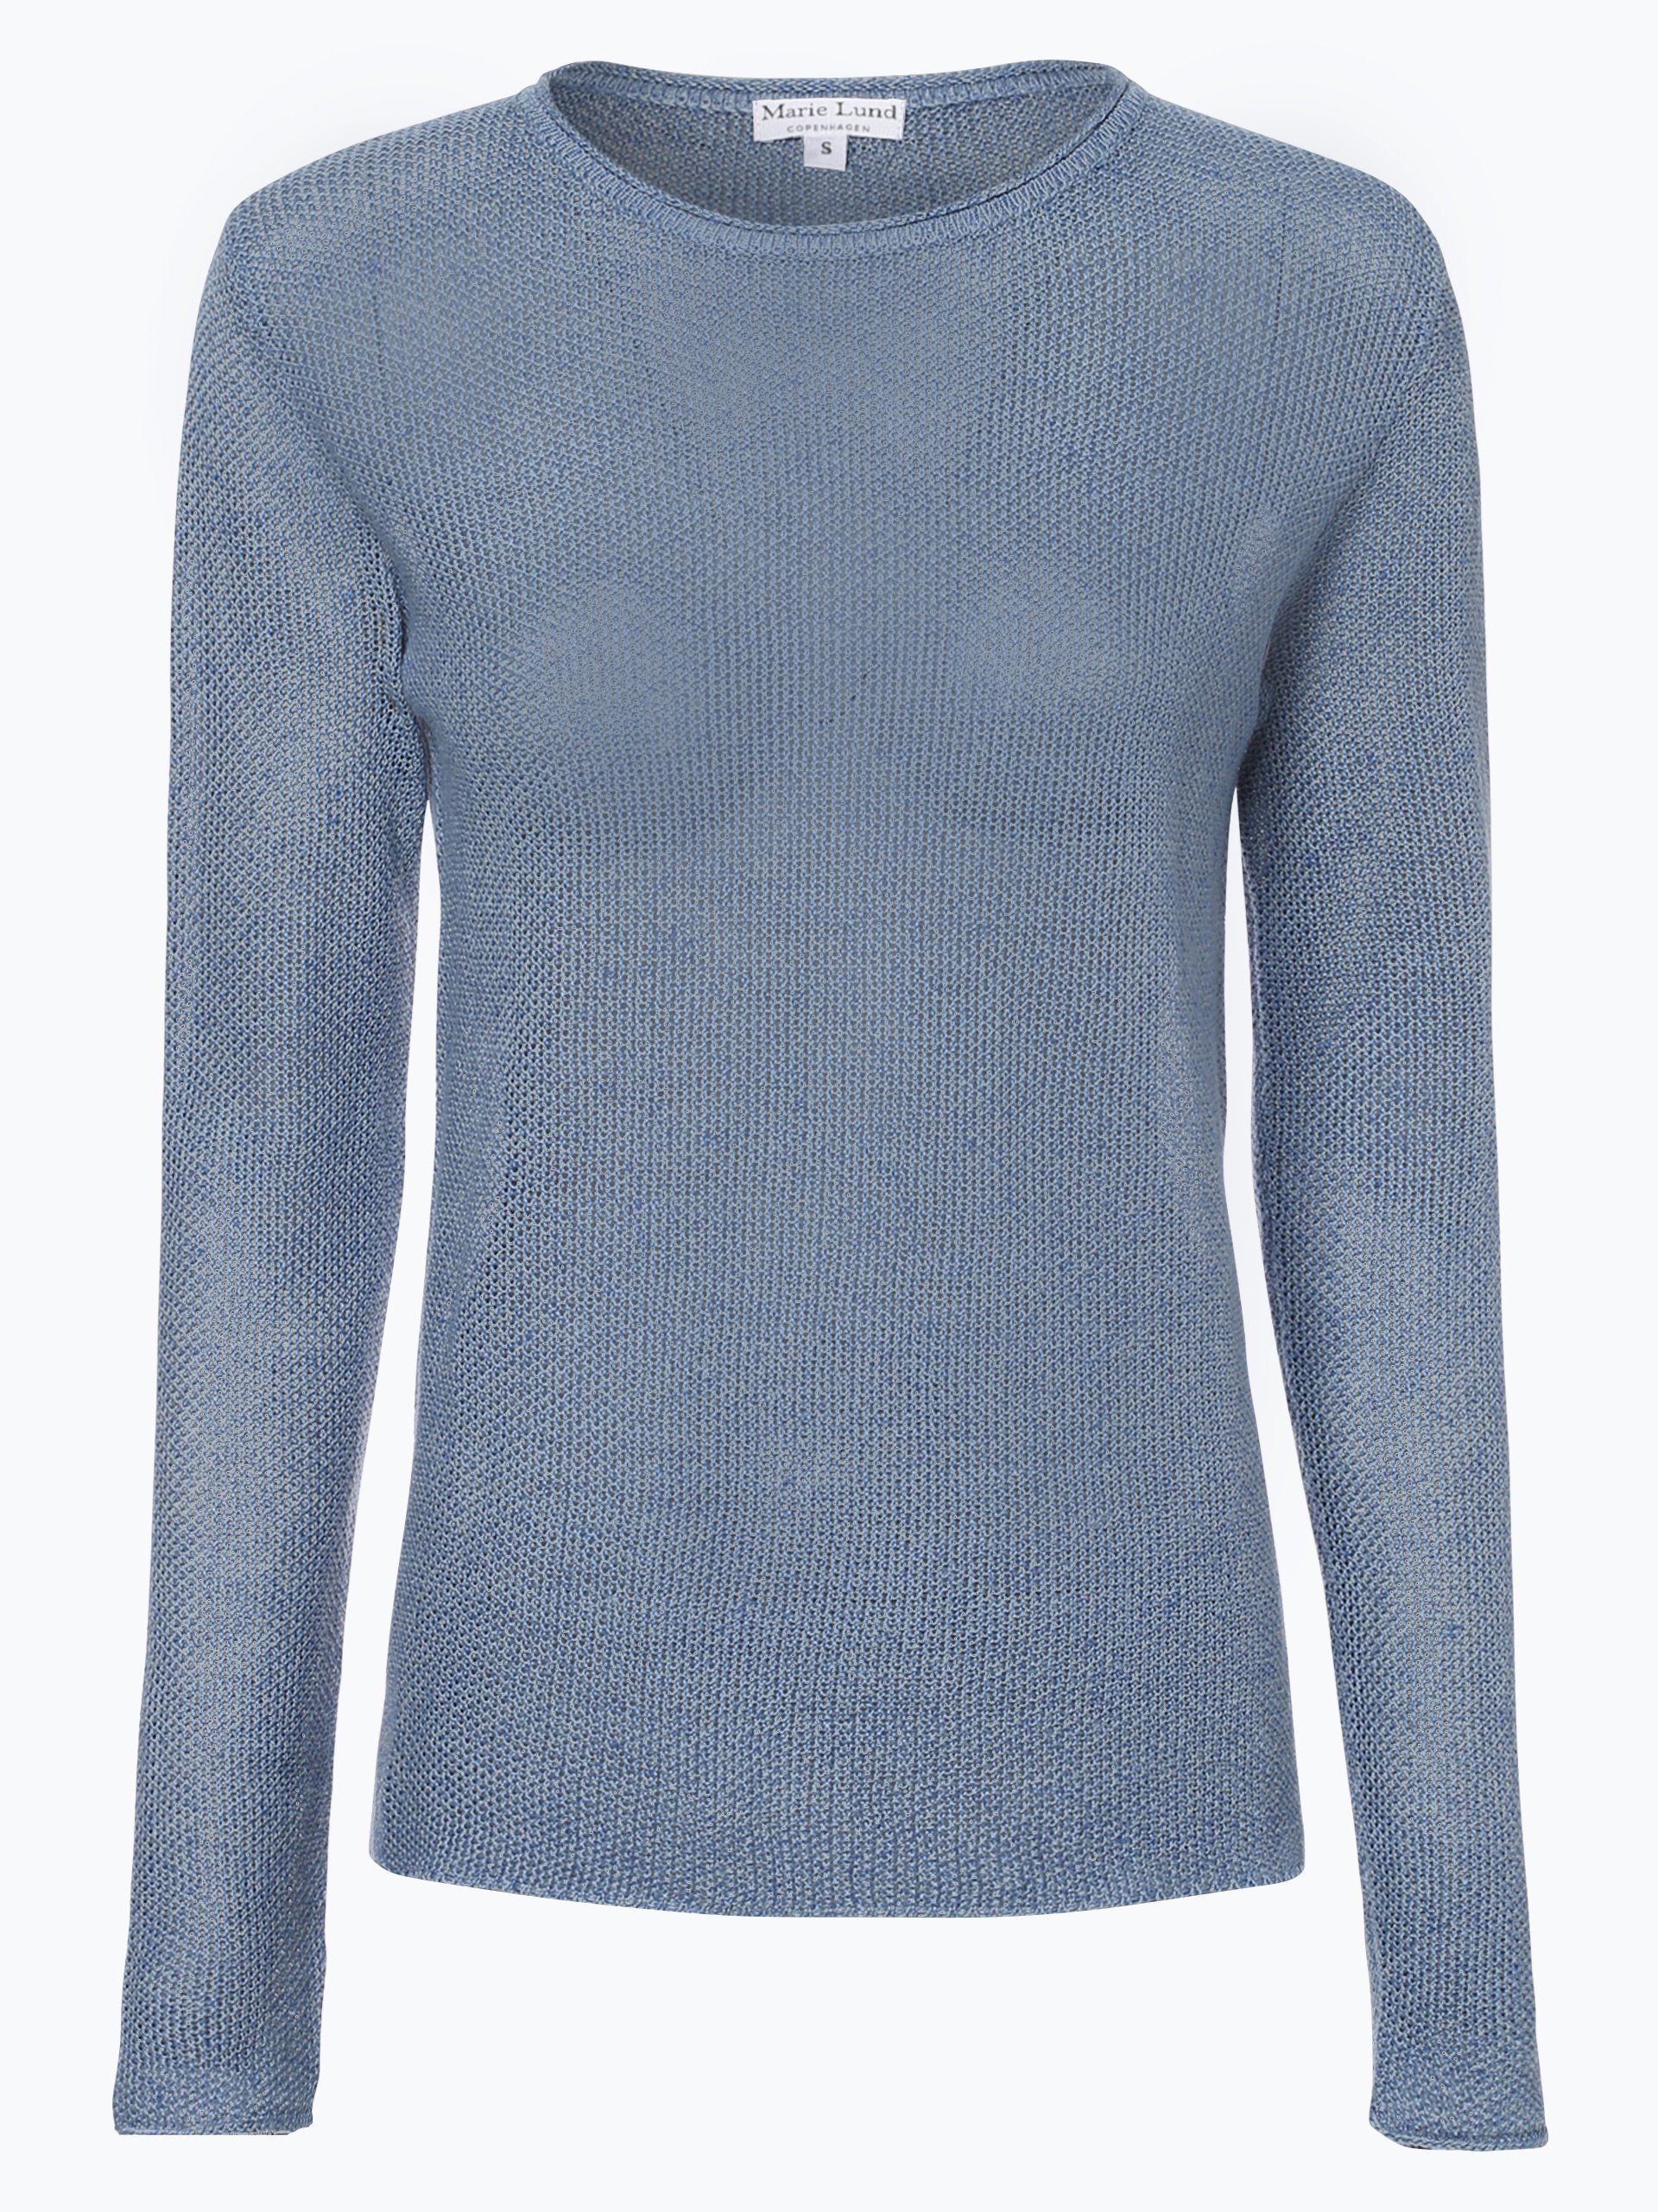 Marie Lund Damen Pullover aus Leinen